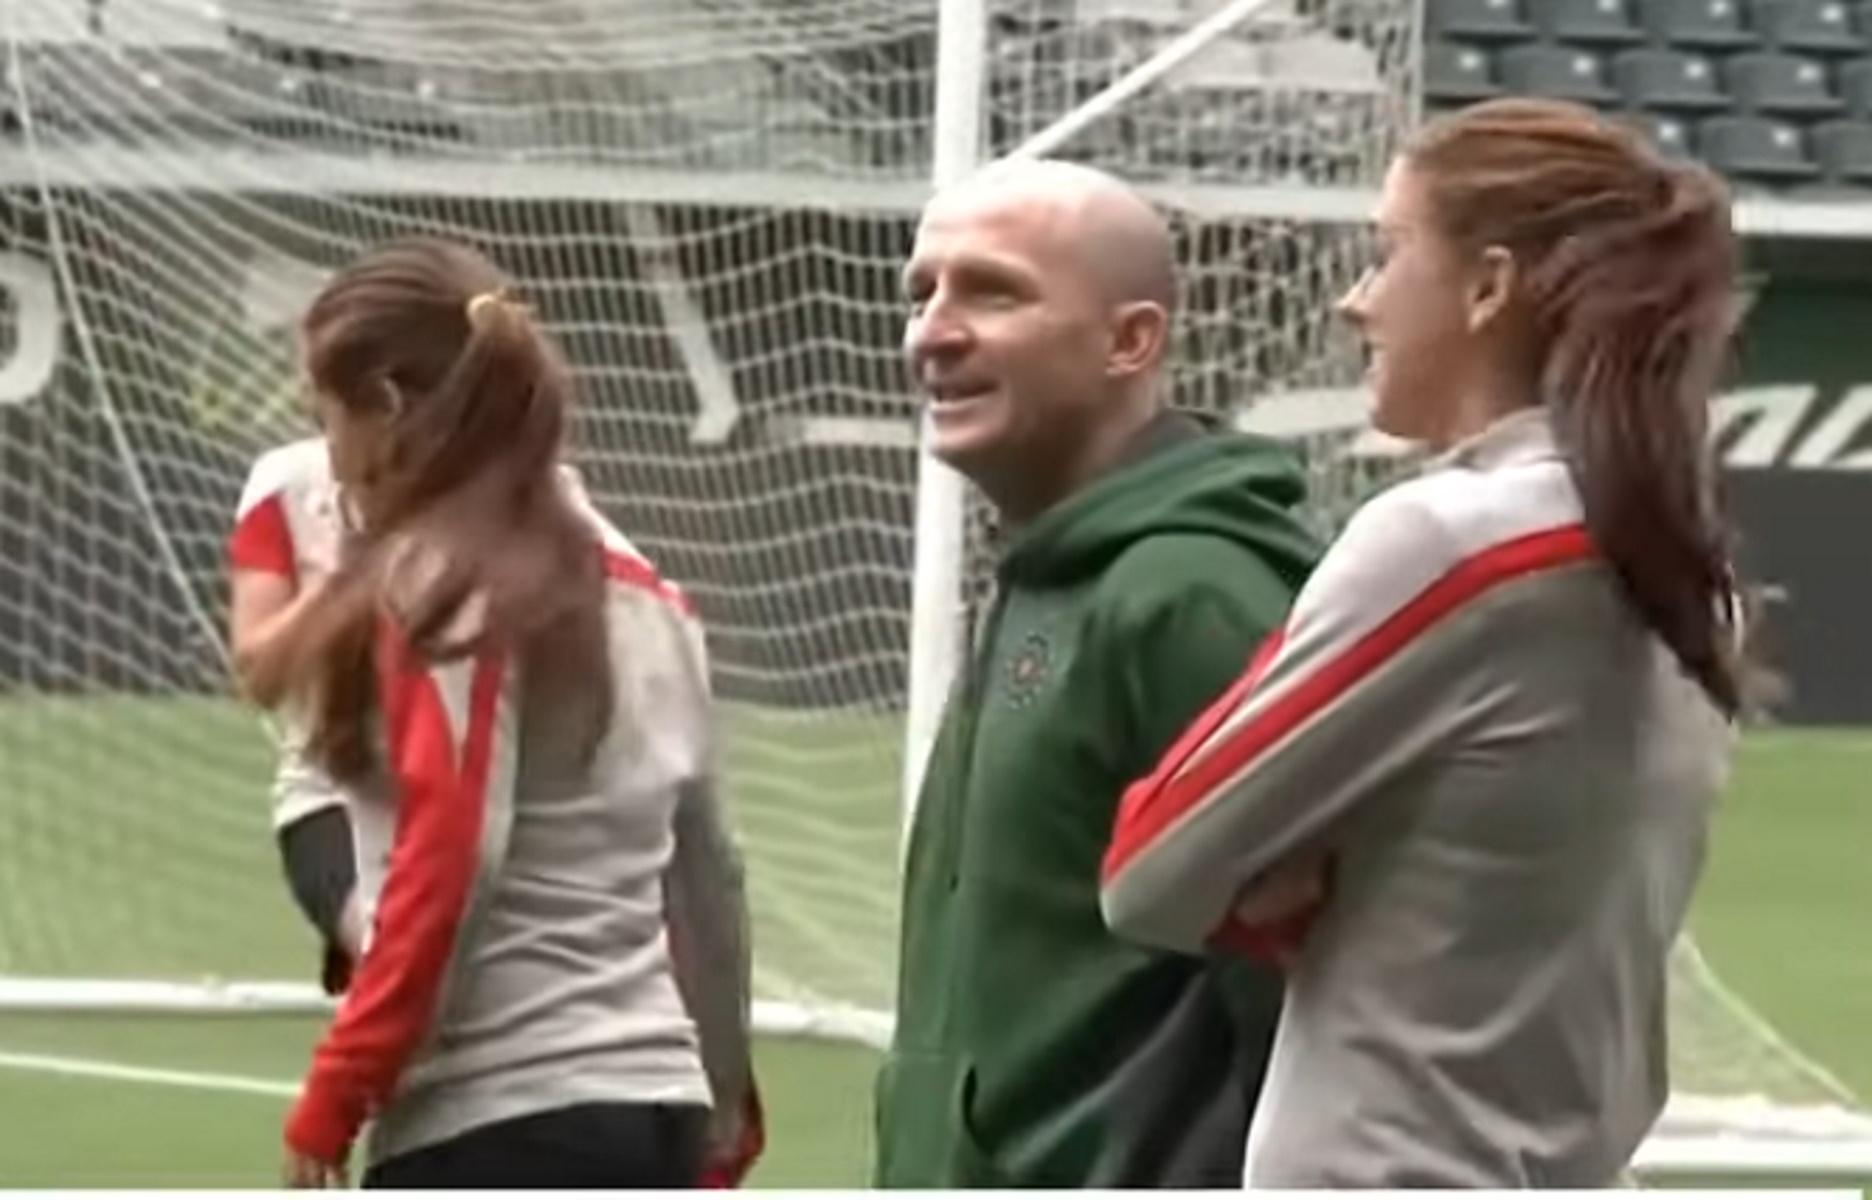 ΗΠΑ: Αναβολή στους αγώνες μετά από καταγγελίες για σεξουαλική κακοποίηση από προπονητή